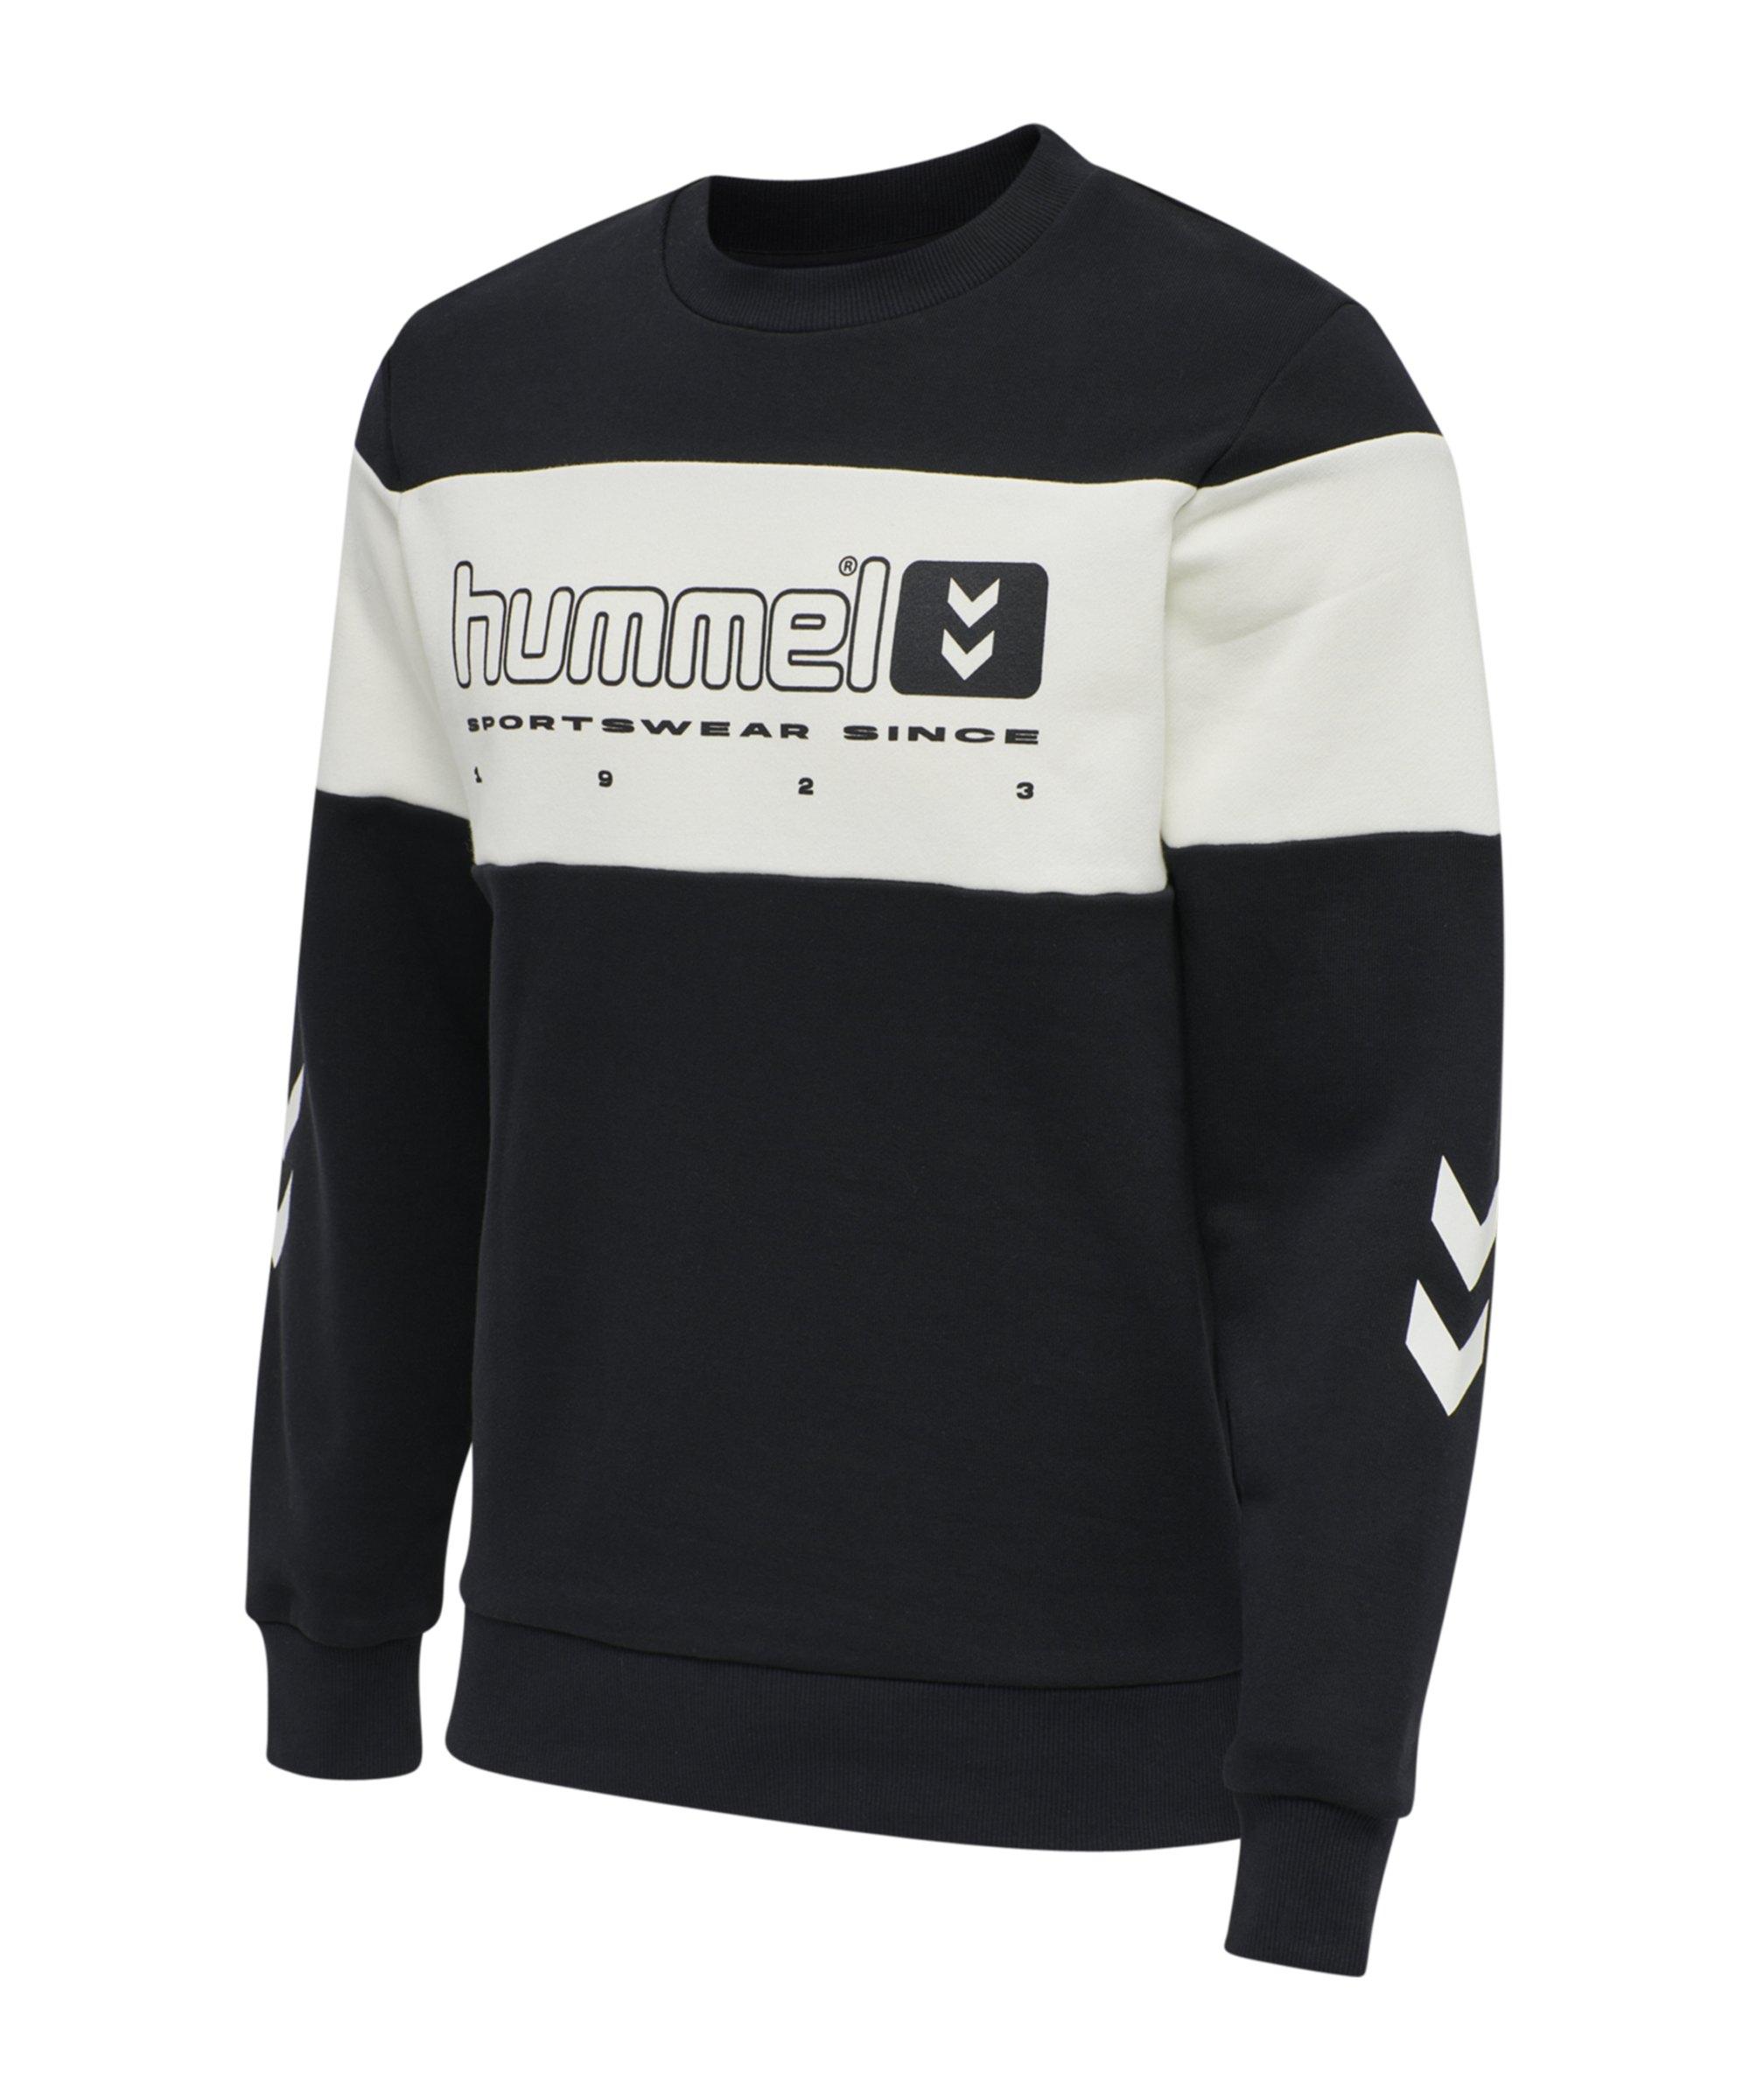 Hummel hmllgc Musa Sweatshirt Schwarz F2001 - schwarz